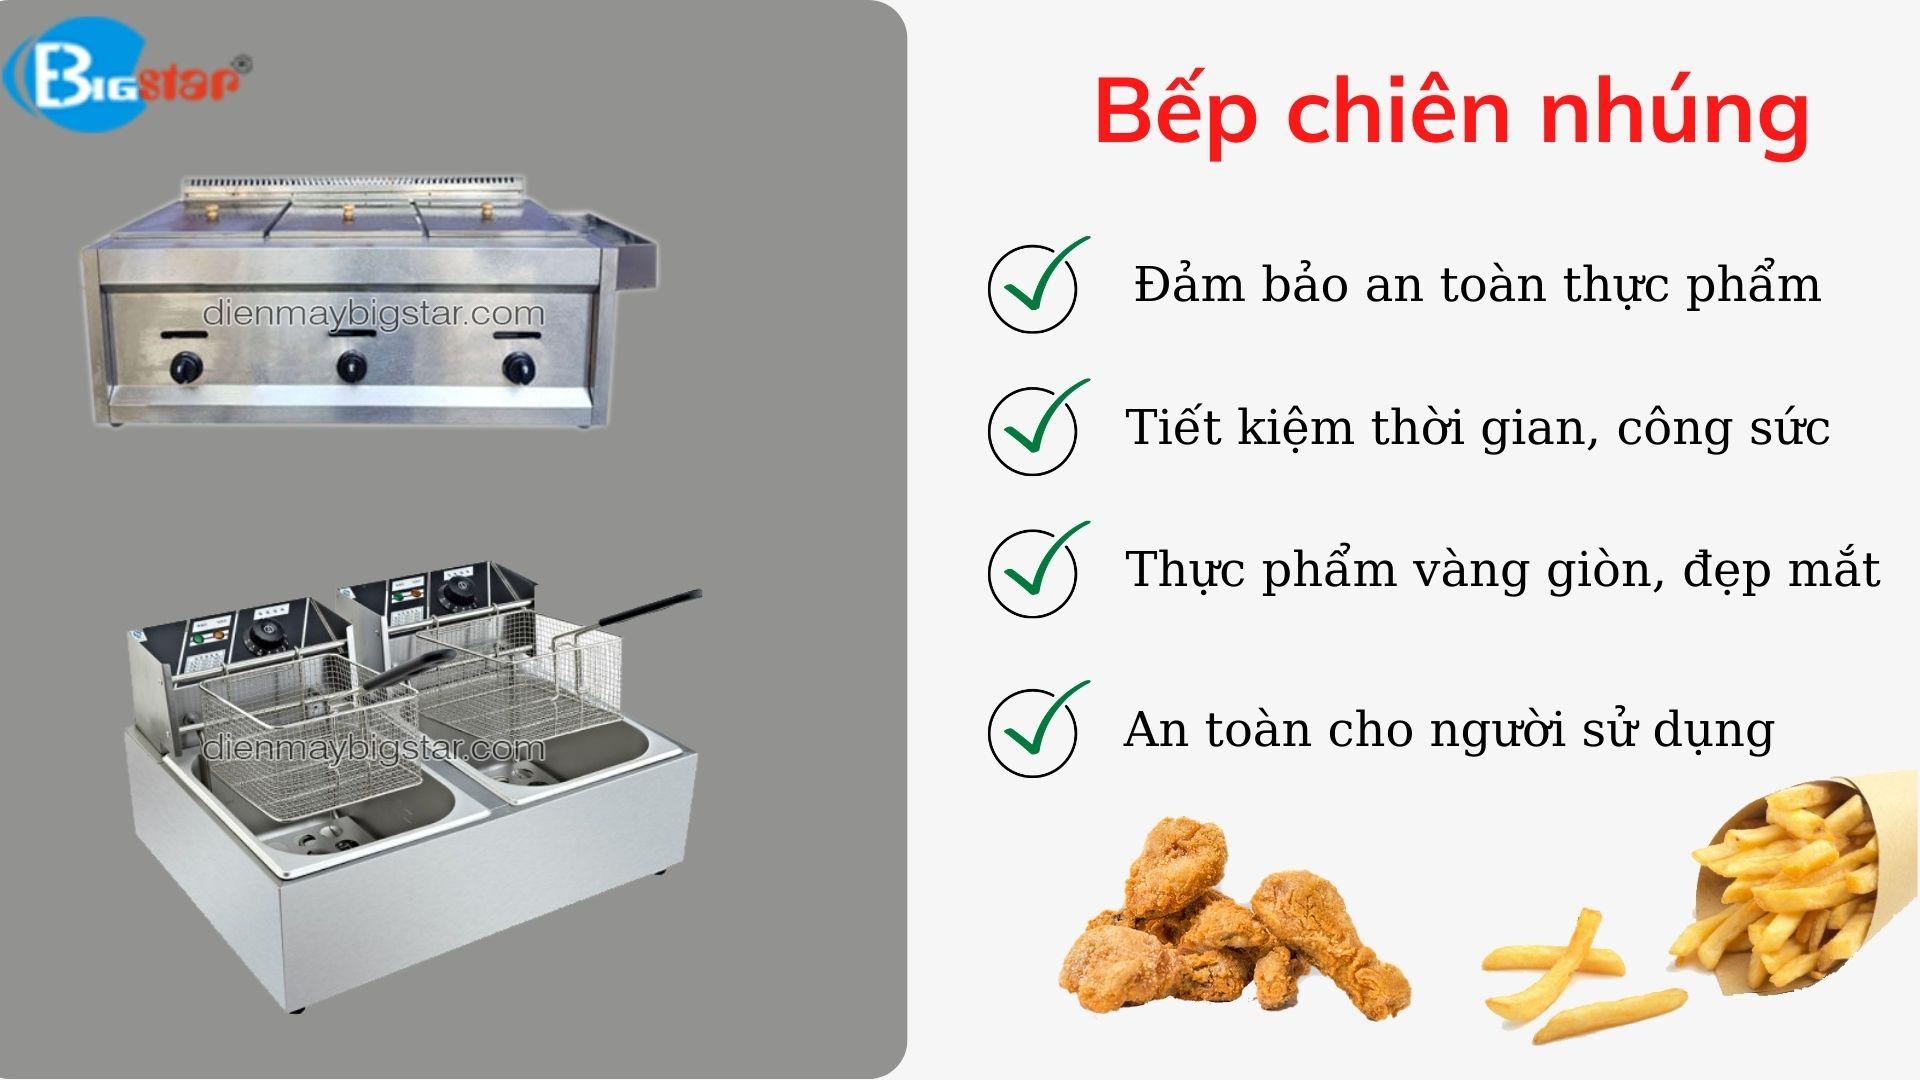 Nen-chon-mua-bep-chien-nhung-dien-hay-bep-chien-gas